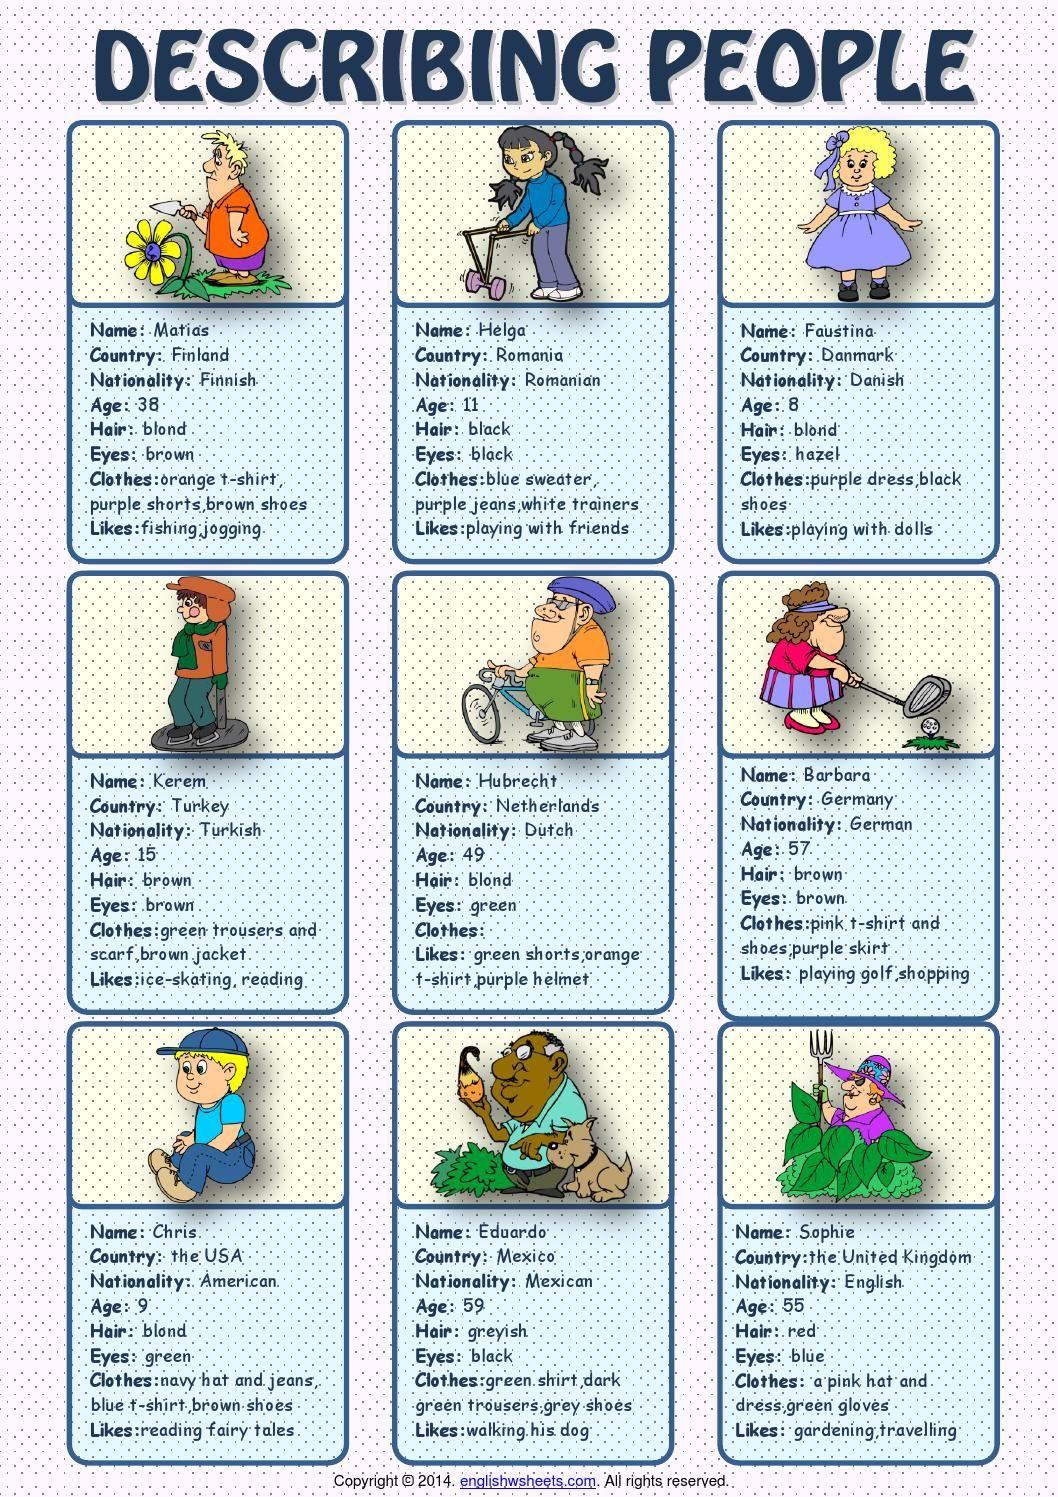 Describing People Esl Speaking Cards Worksheet Speaking Activities Esl English Teaching Materials Speaking Activities English [ 1497 x 1058 Pixel ]